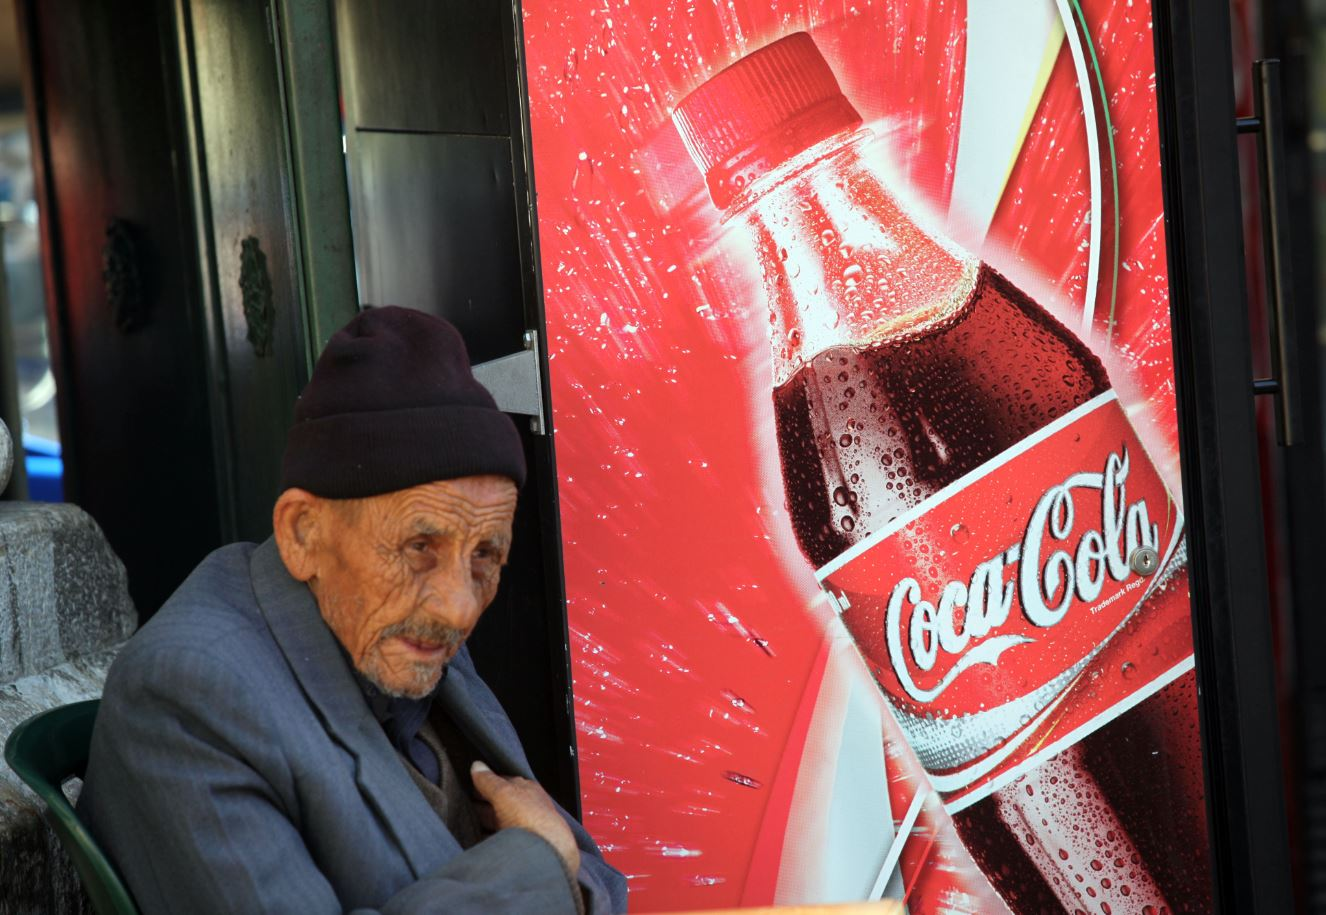 בלי הרב לנדא: תחרות חדשה על קוקה-קולה